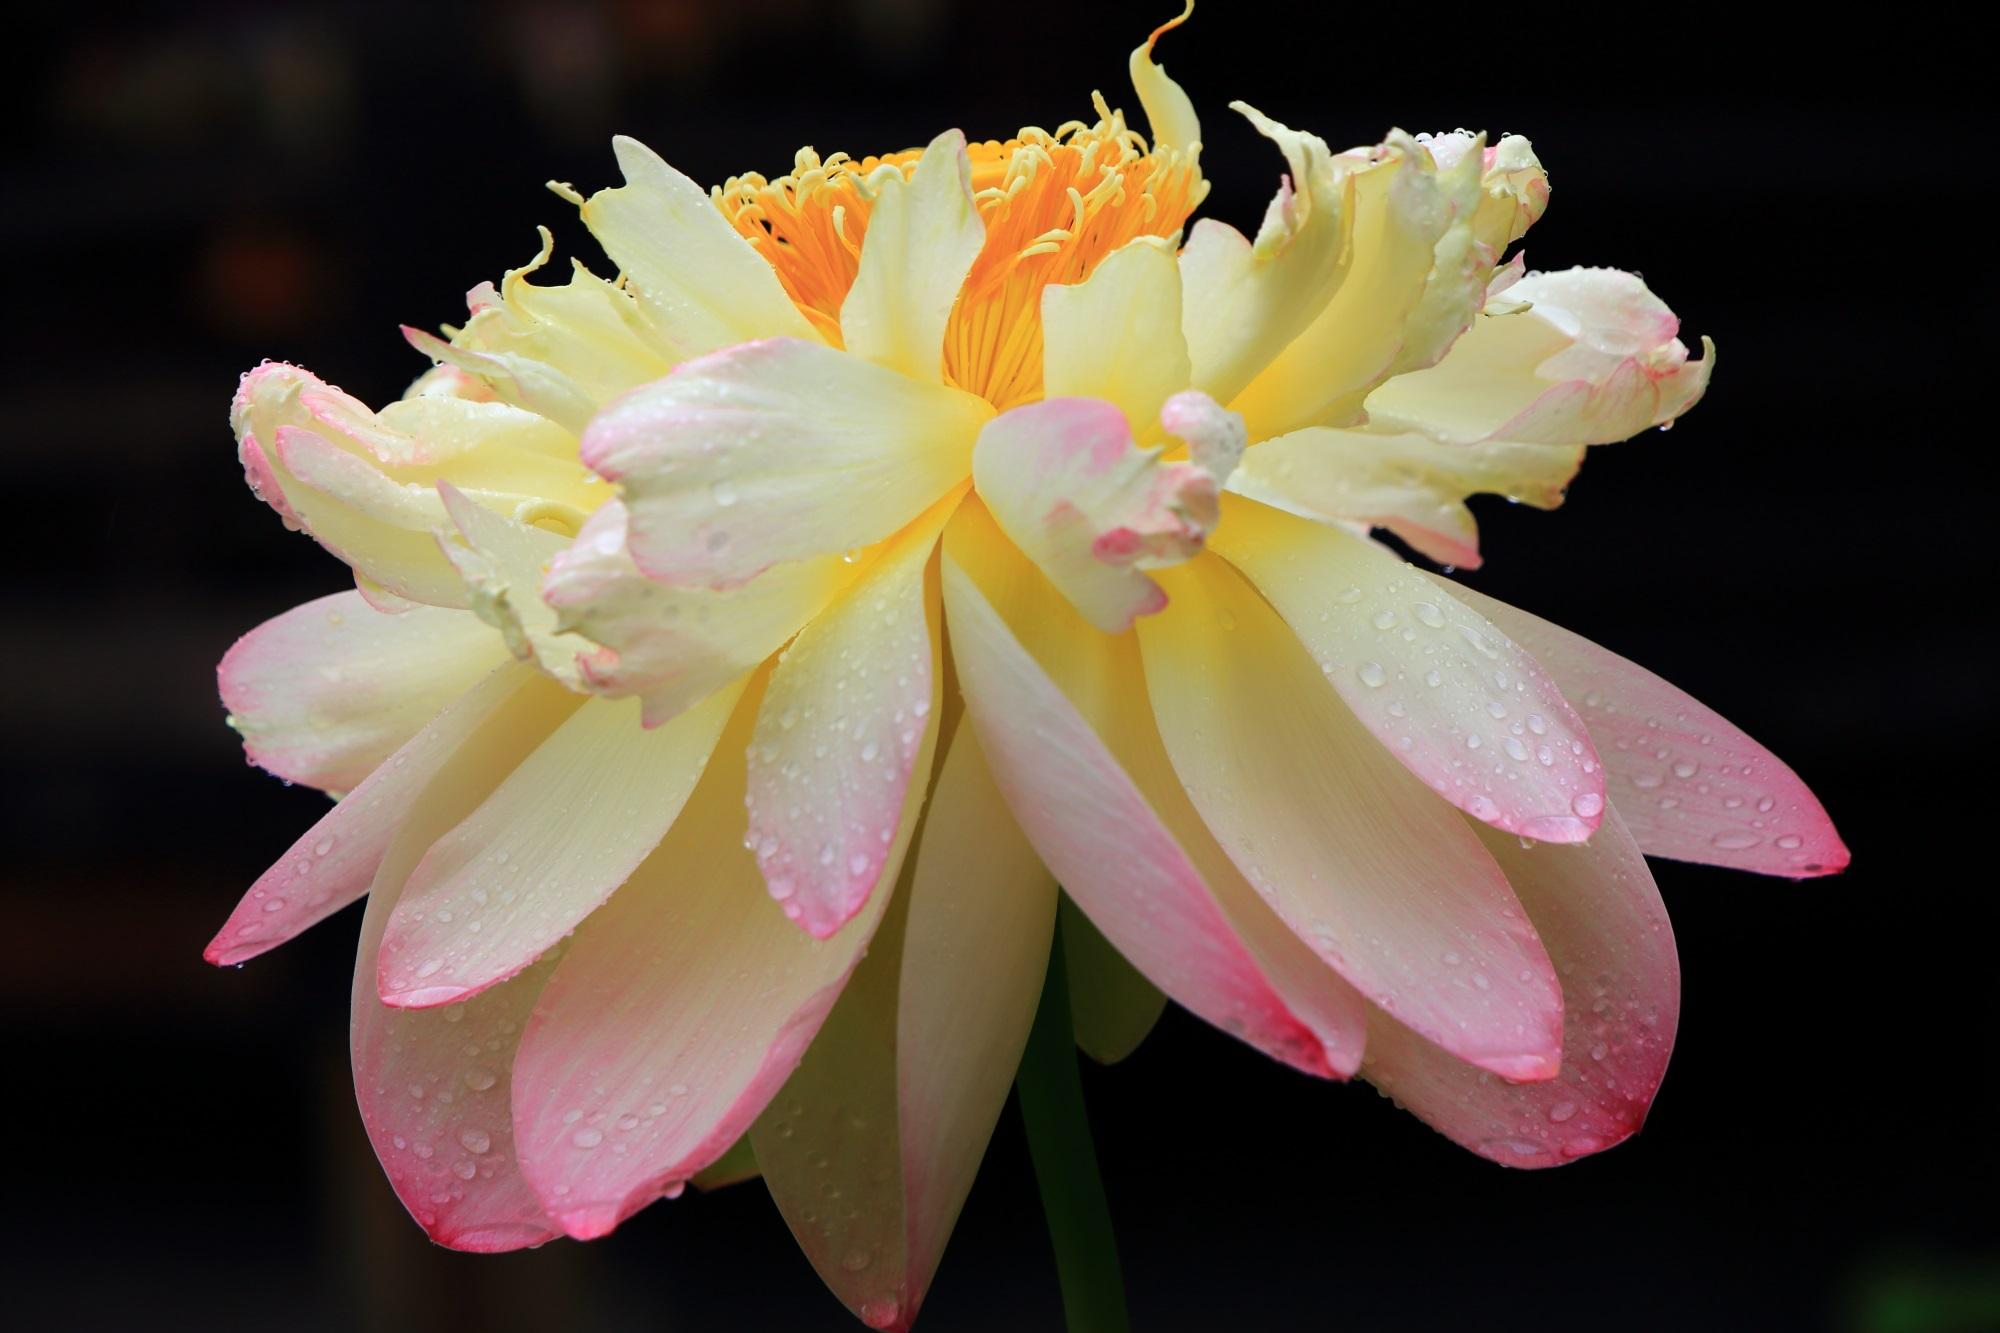 三室戸寺の花びらの先がピンクに染まった淡い白色の蓮の花